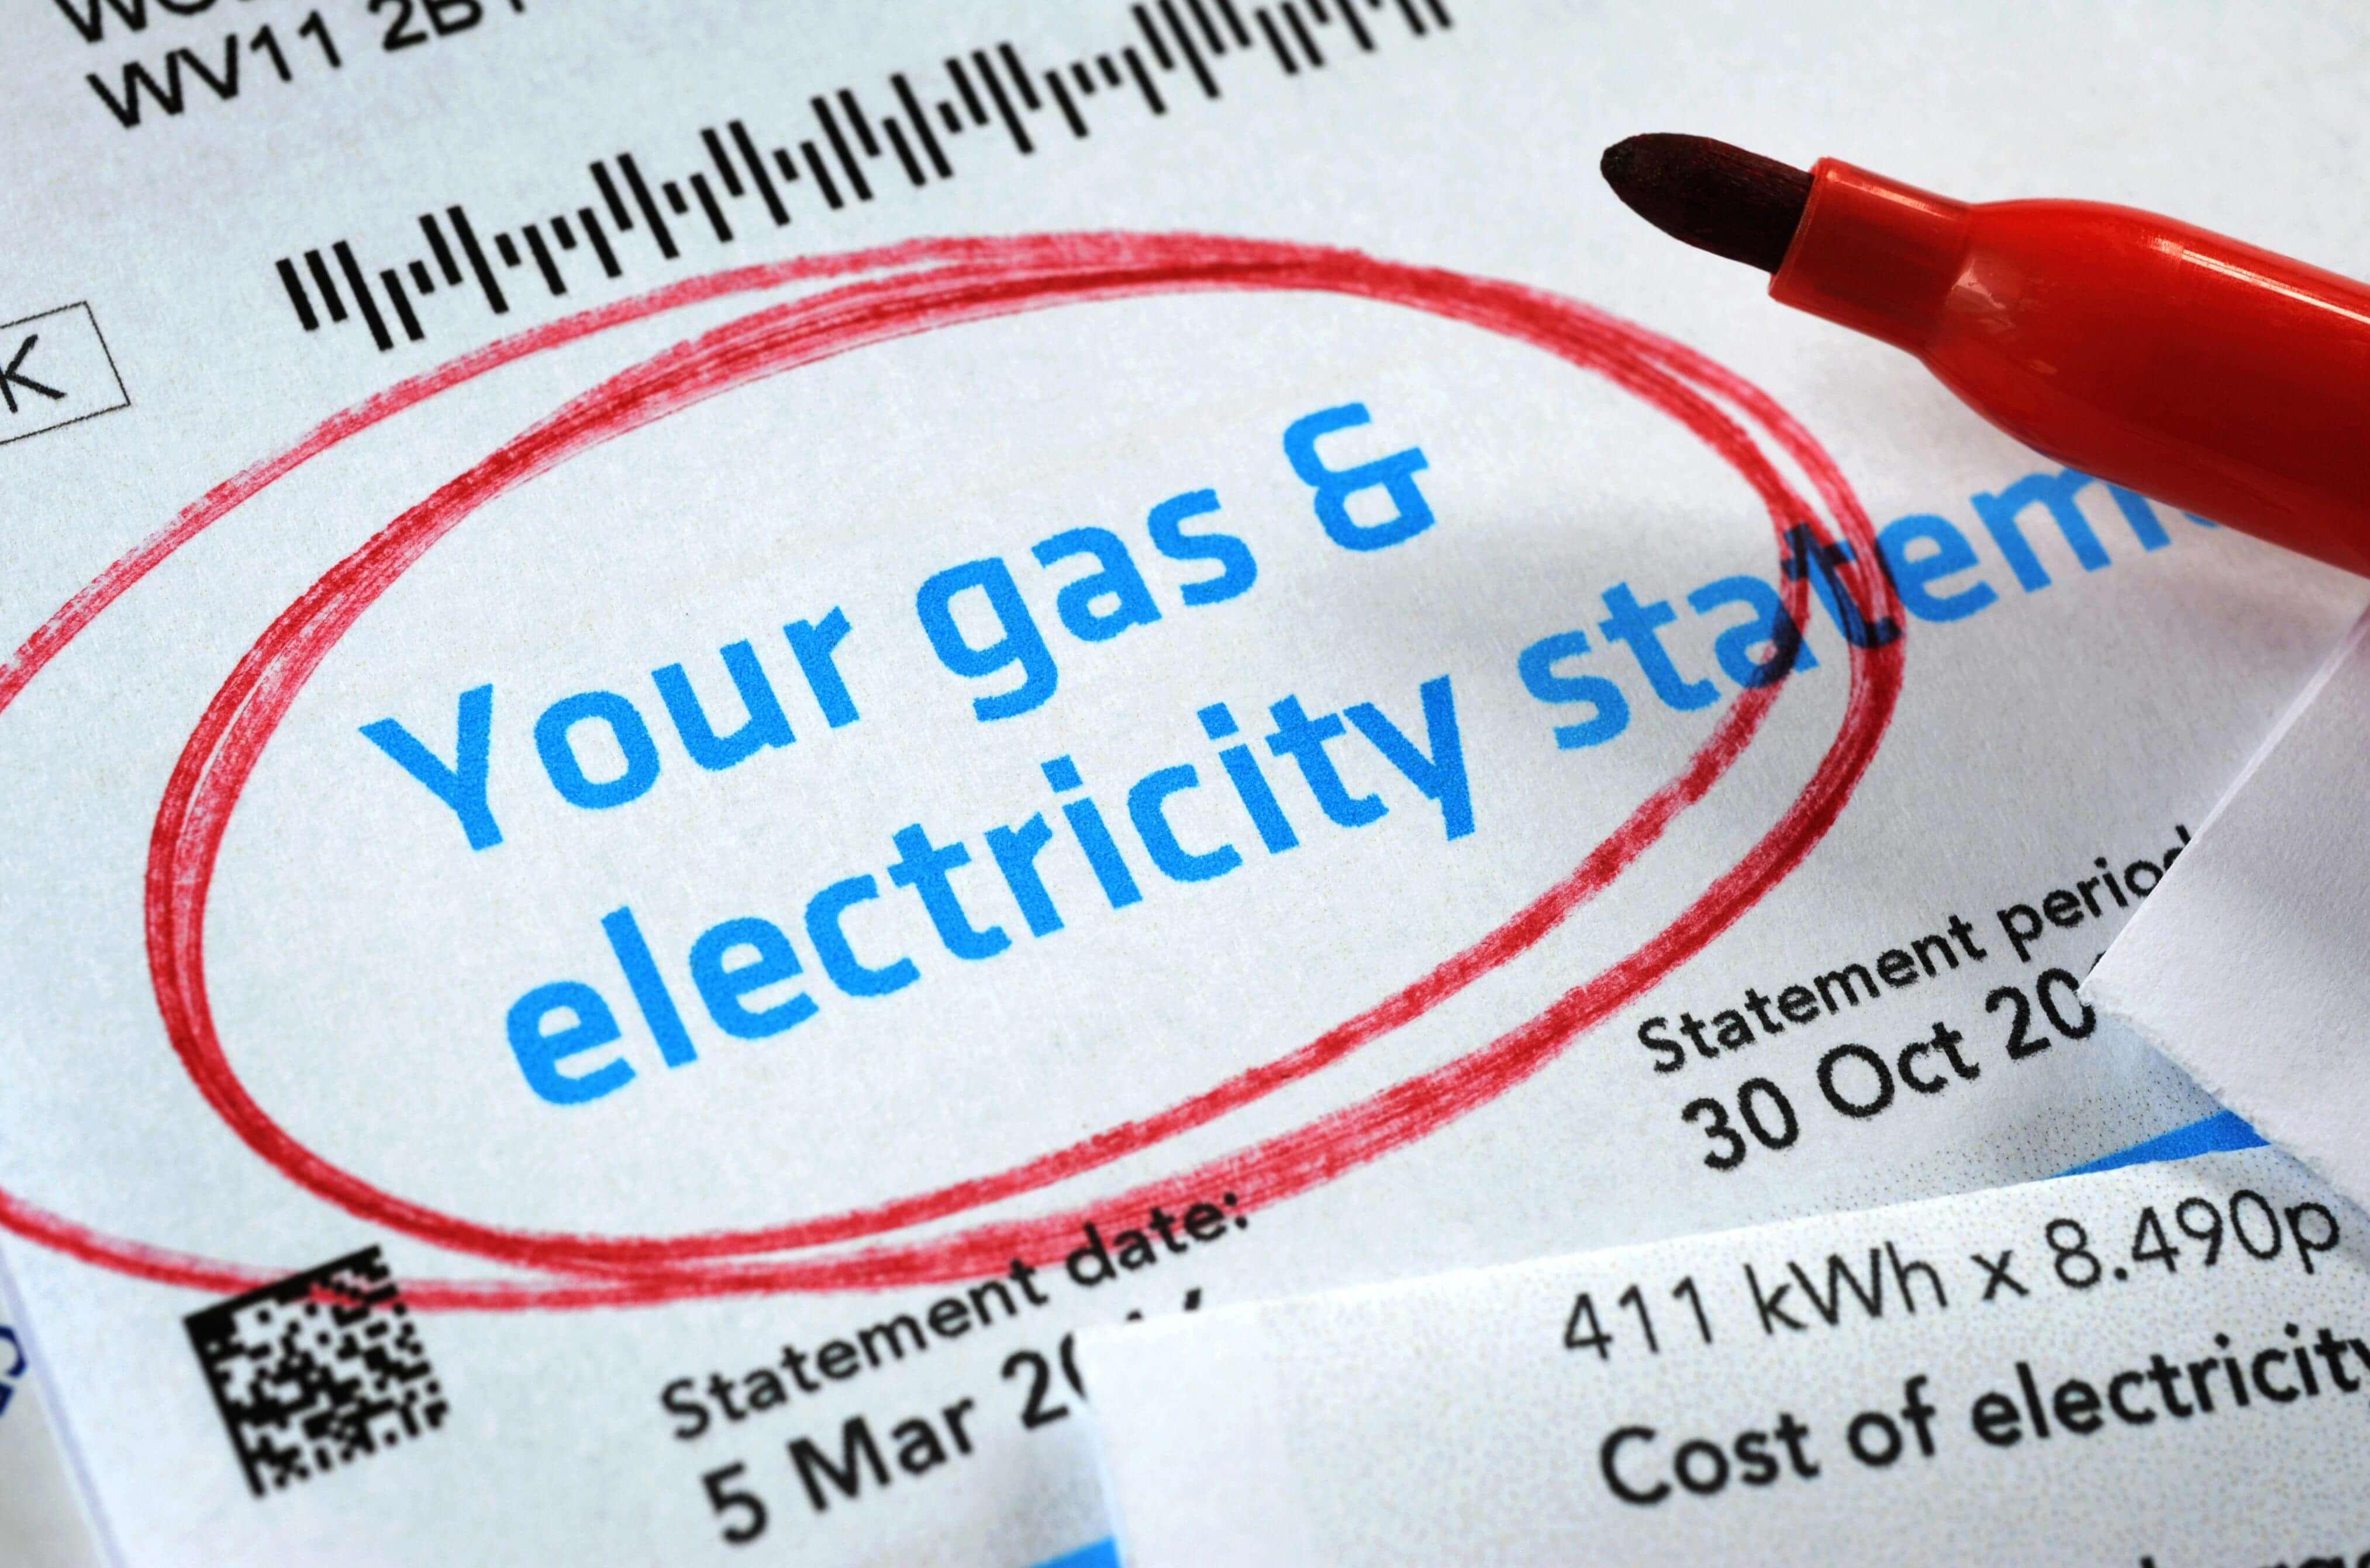 Tarifele la energie din UK